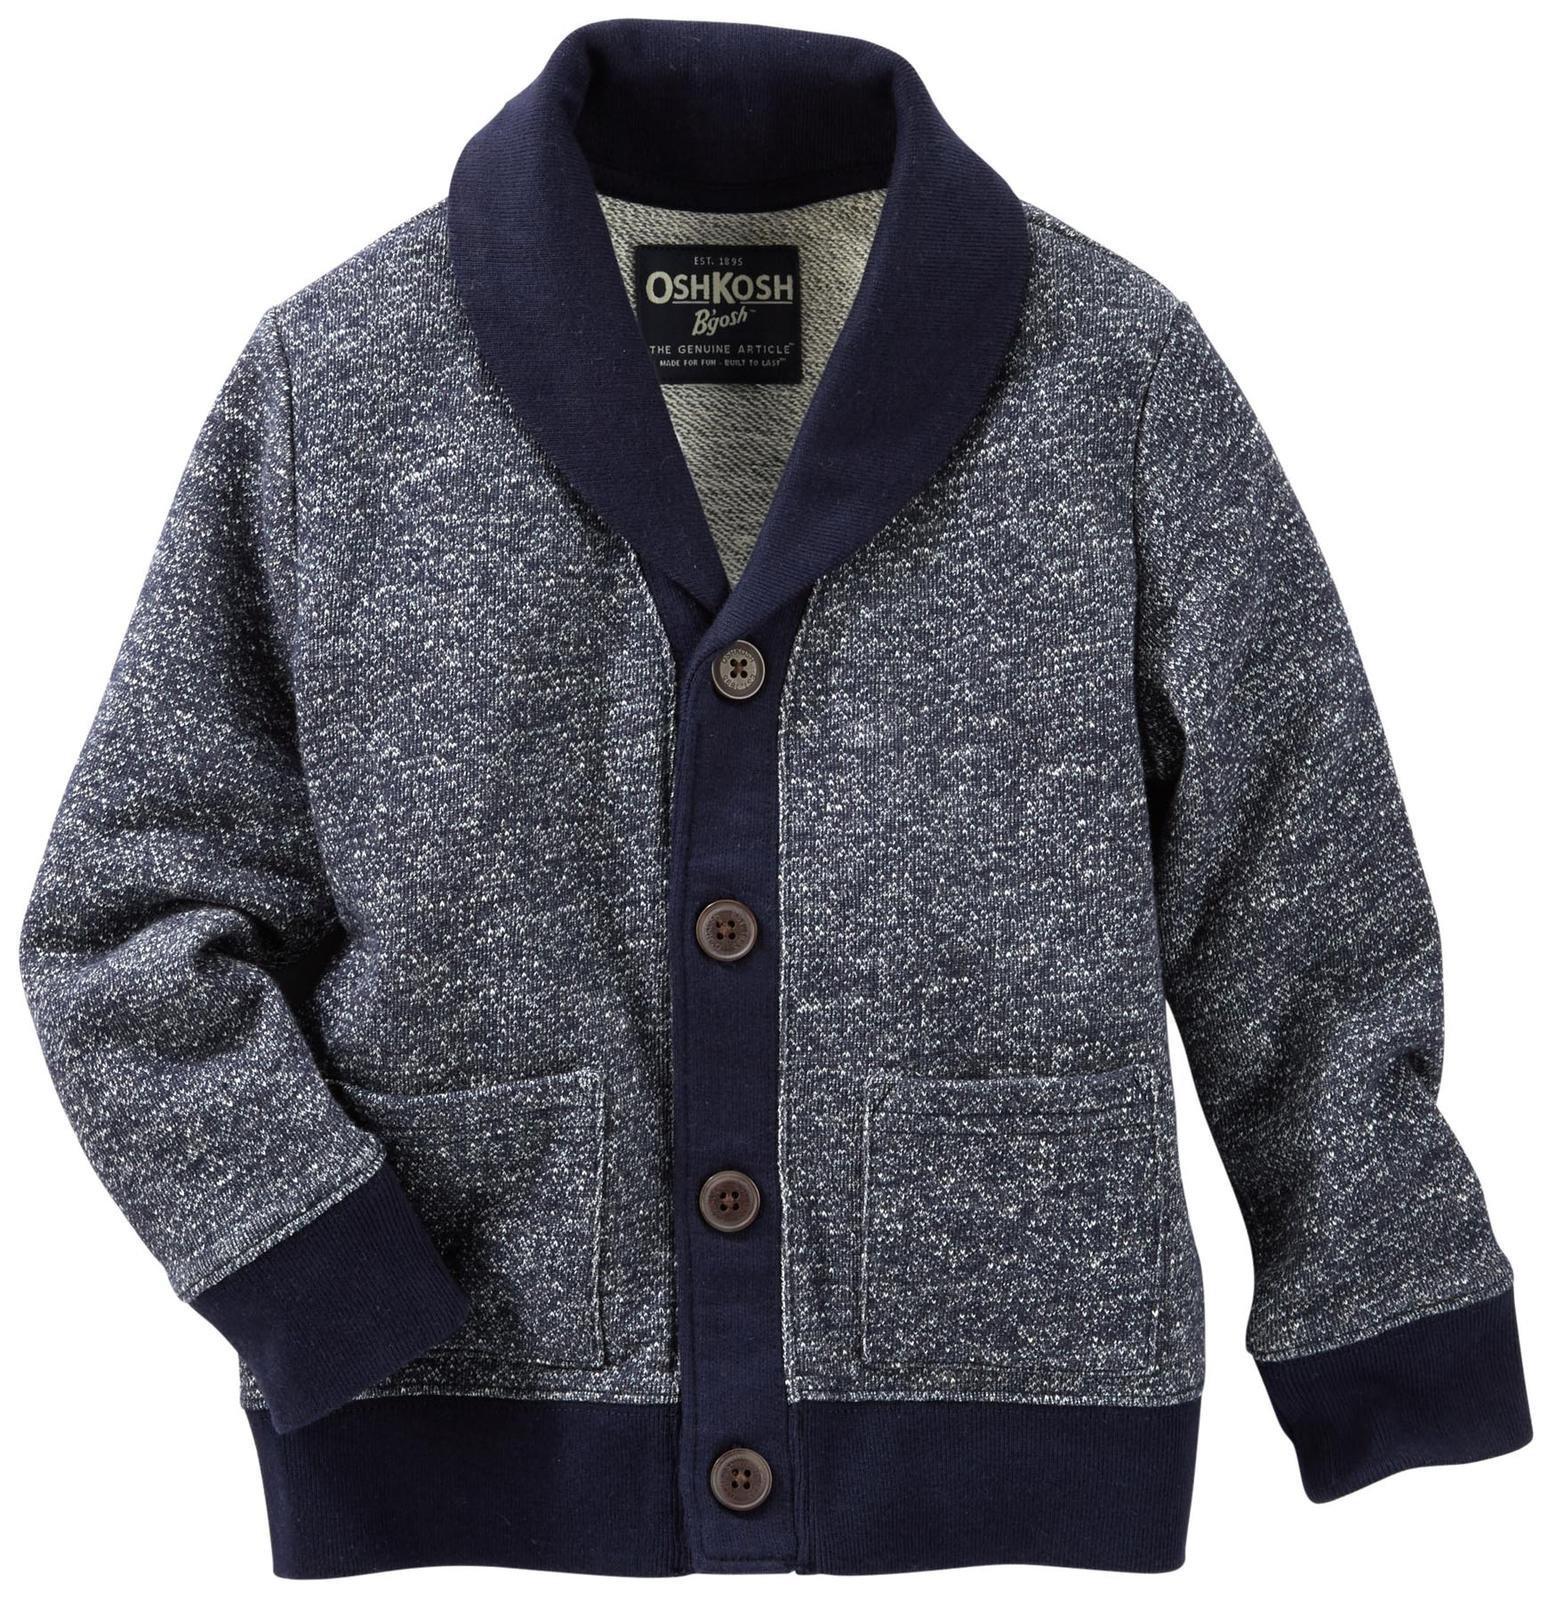 OshKosh B'Gosh Boys' Knit Layering 22116010, Blue (420) 2T